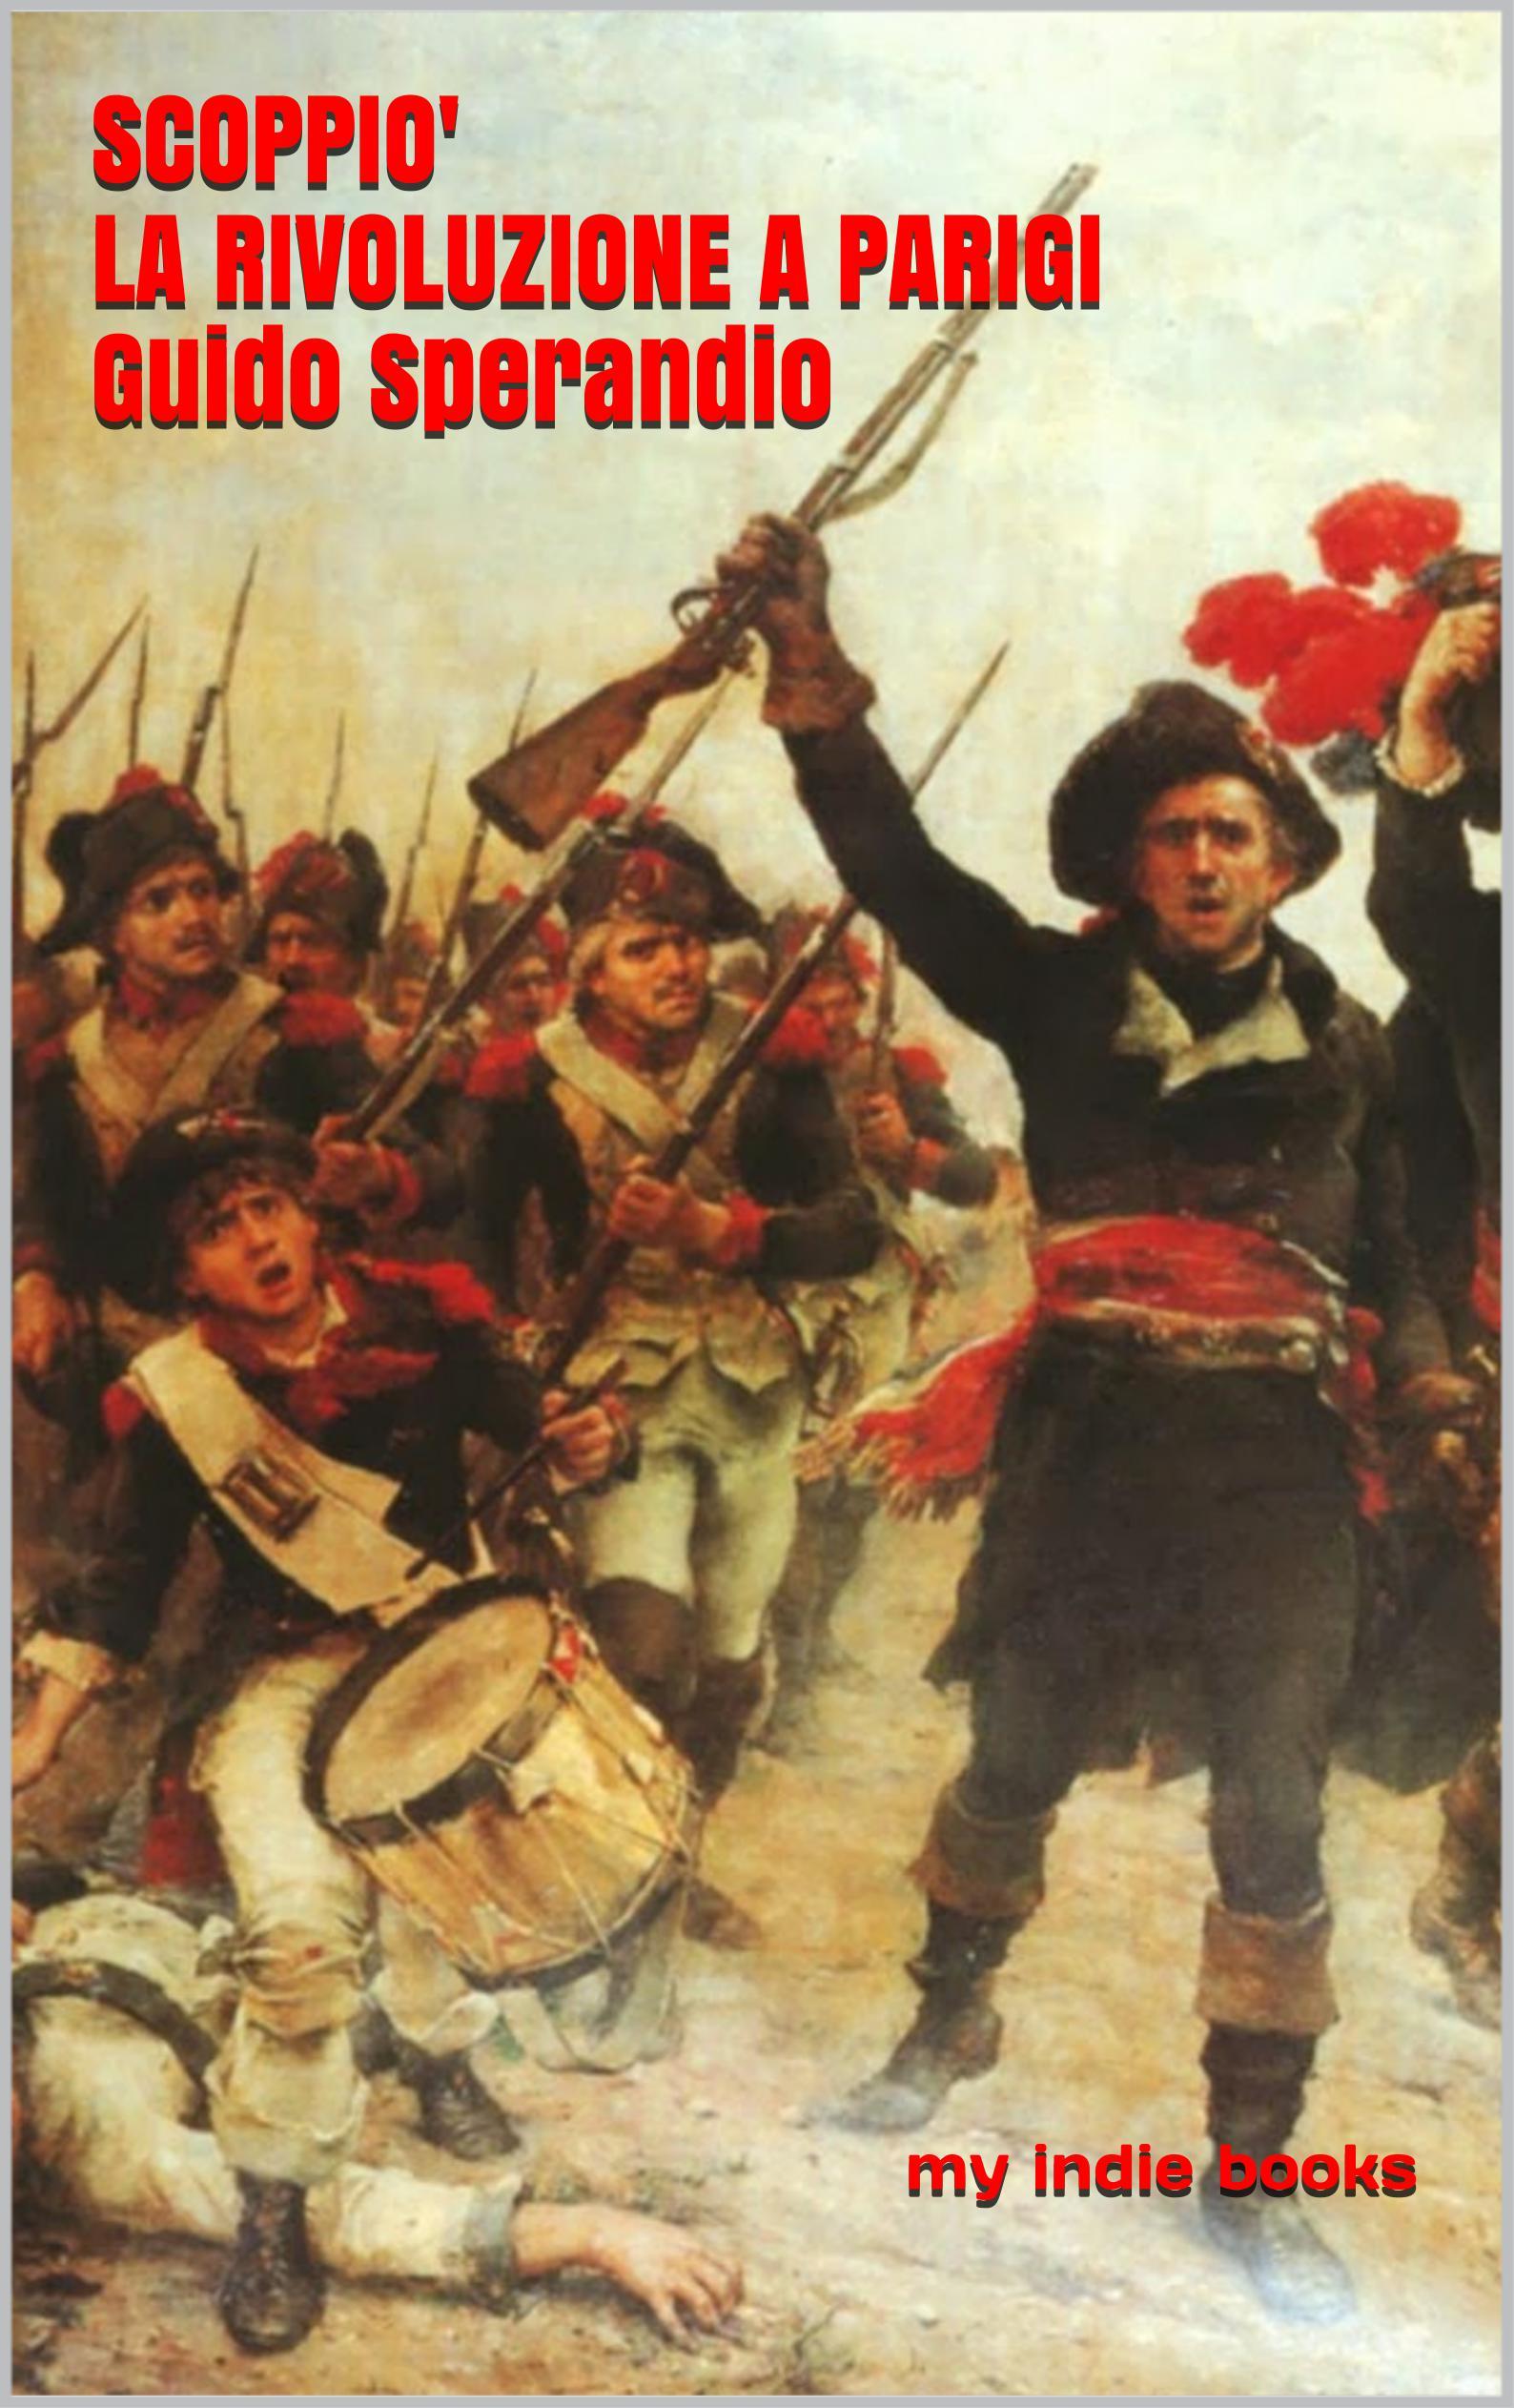 Scoppiò la Rivoluzione a Parigi (Come la tabacchiera di Voltaire mi salvò la vita)